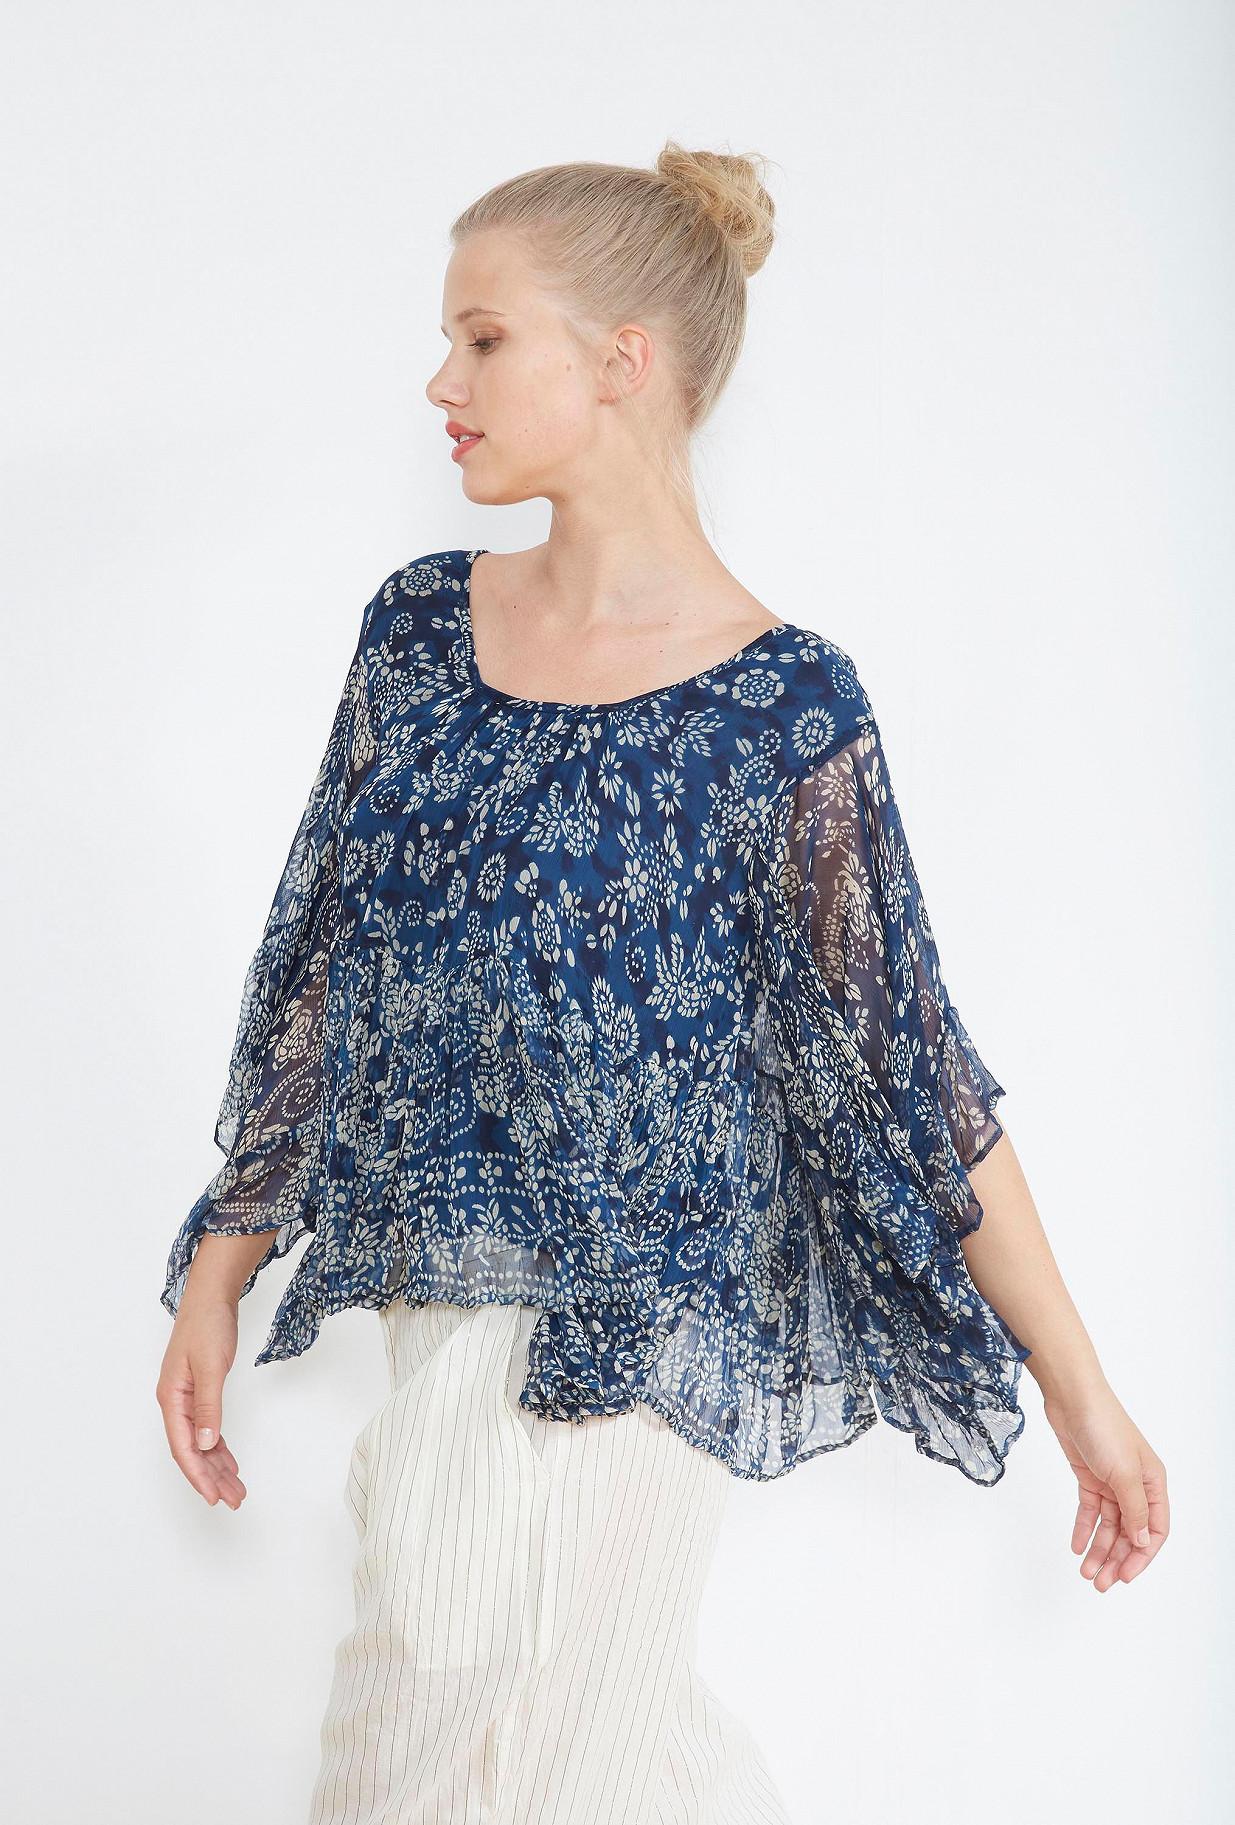 BLOUSE Imprimé bleu  Barito mes demoiselles paris vêtement femme paris